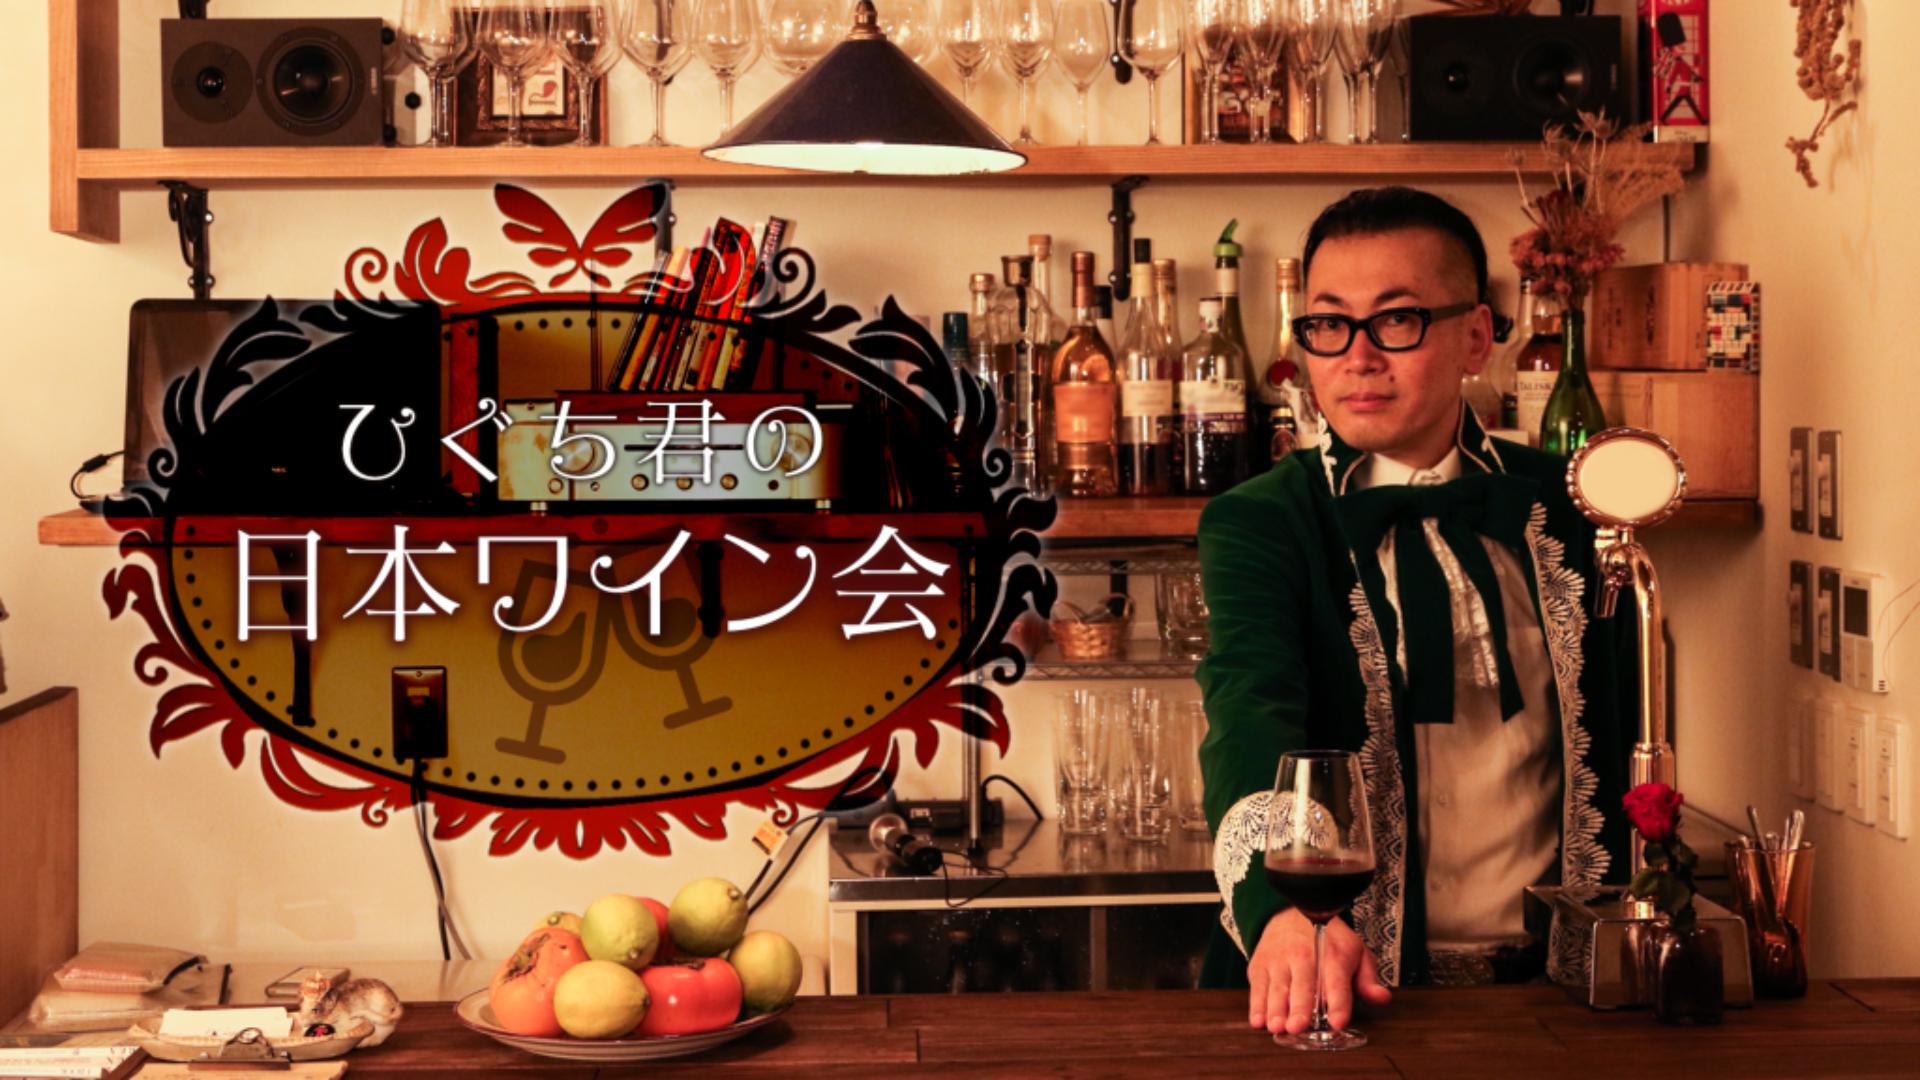 ひぐち君の日本ワイン会